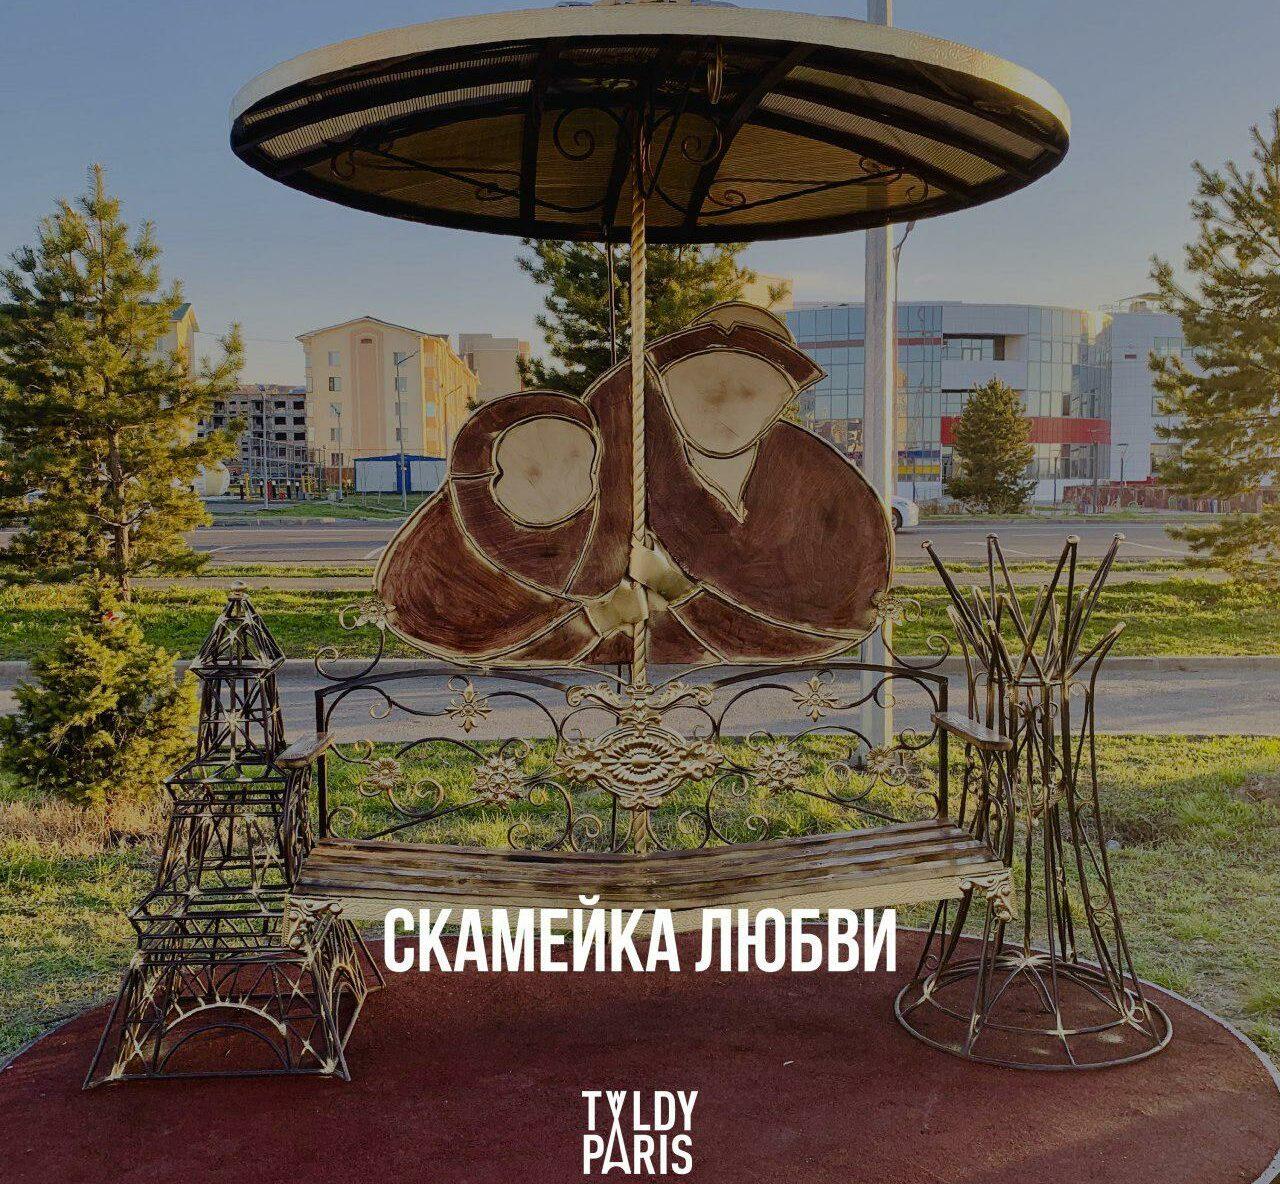 Талдыкорган, скамейка любви